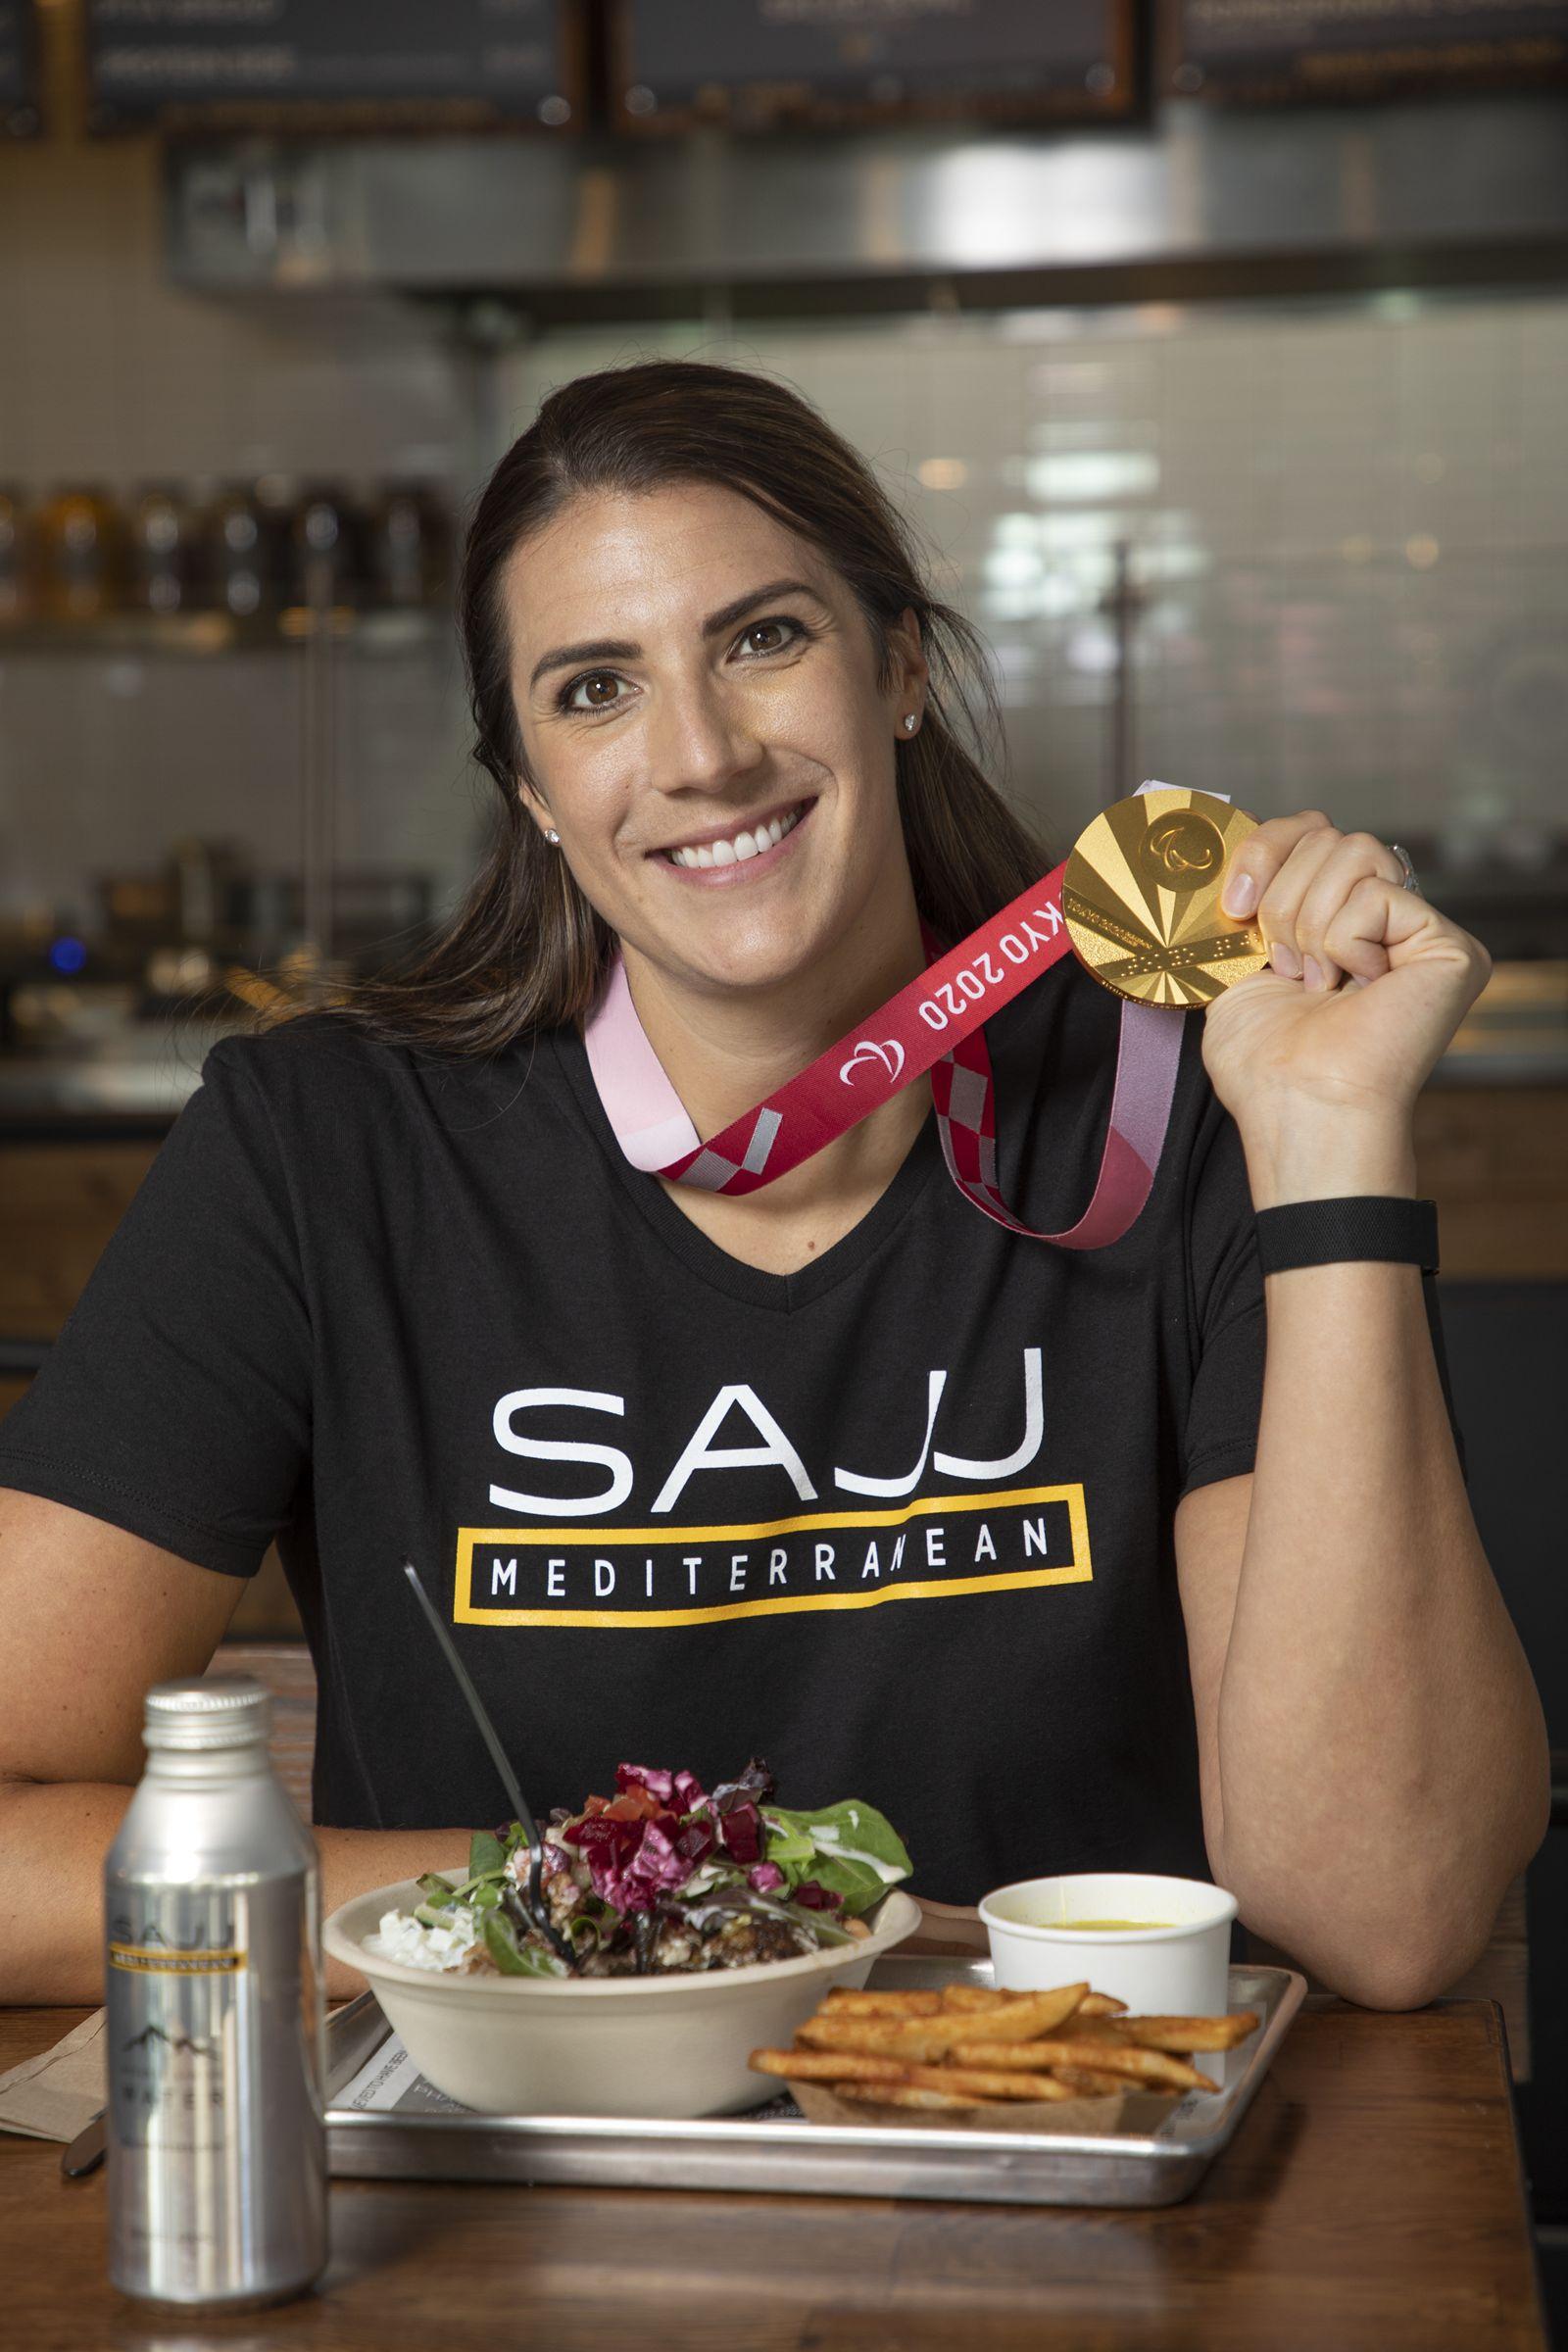 Partenariat SAJJ Mediterranean Aces avec Katie Holloway, MVP paralympique des États-Unis et médaillée d'or